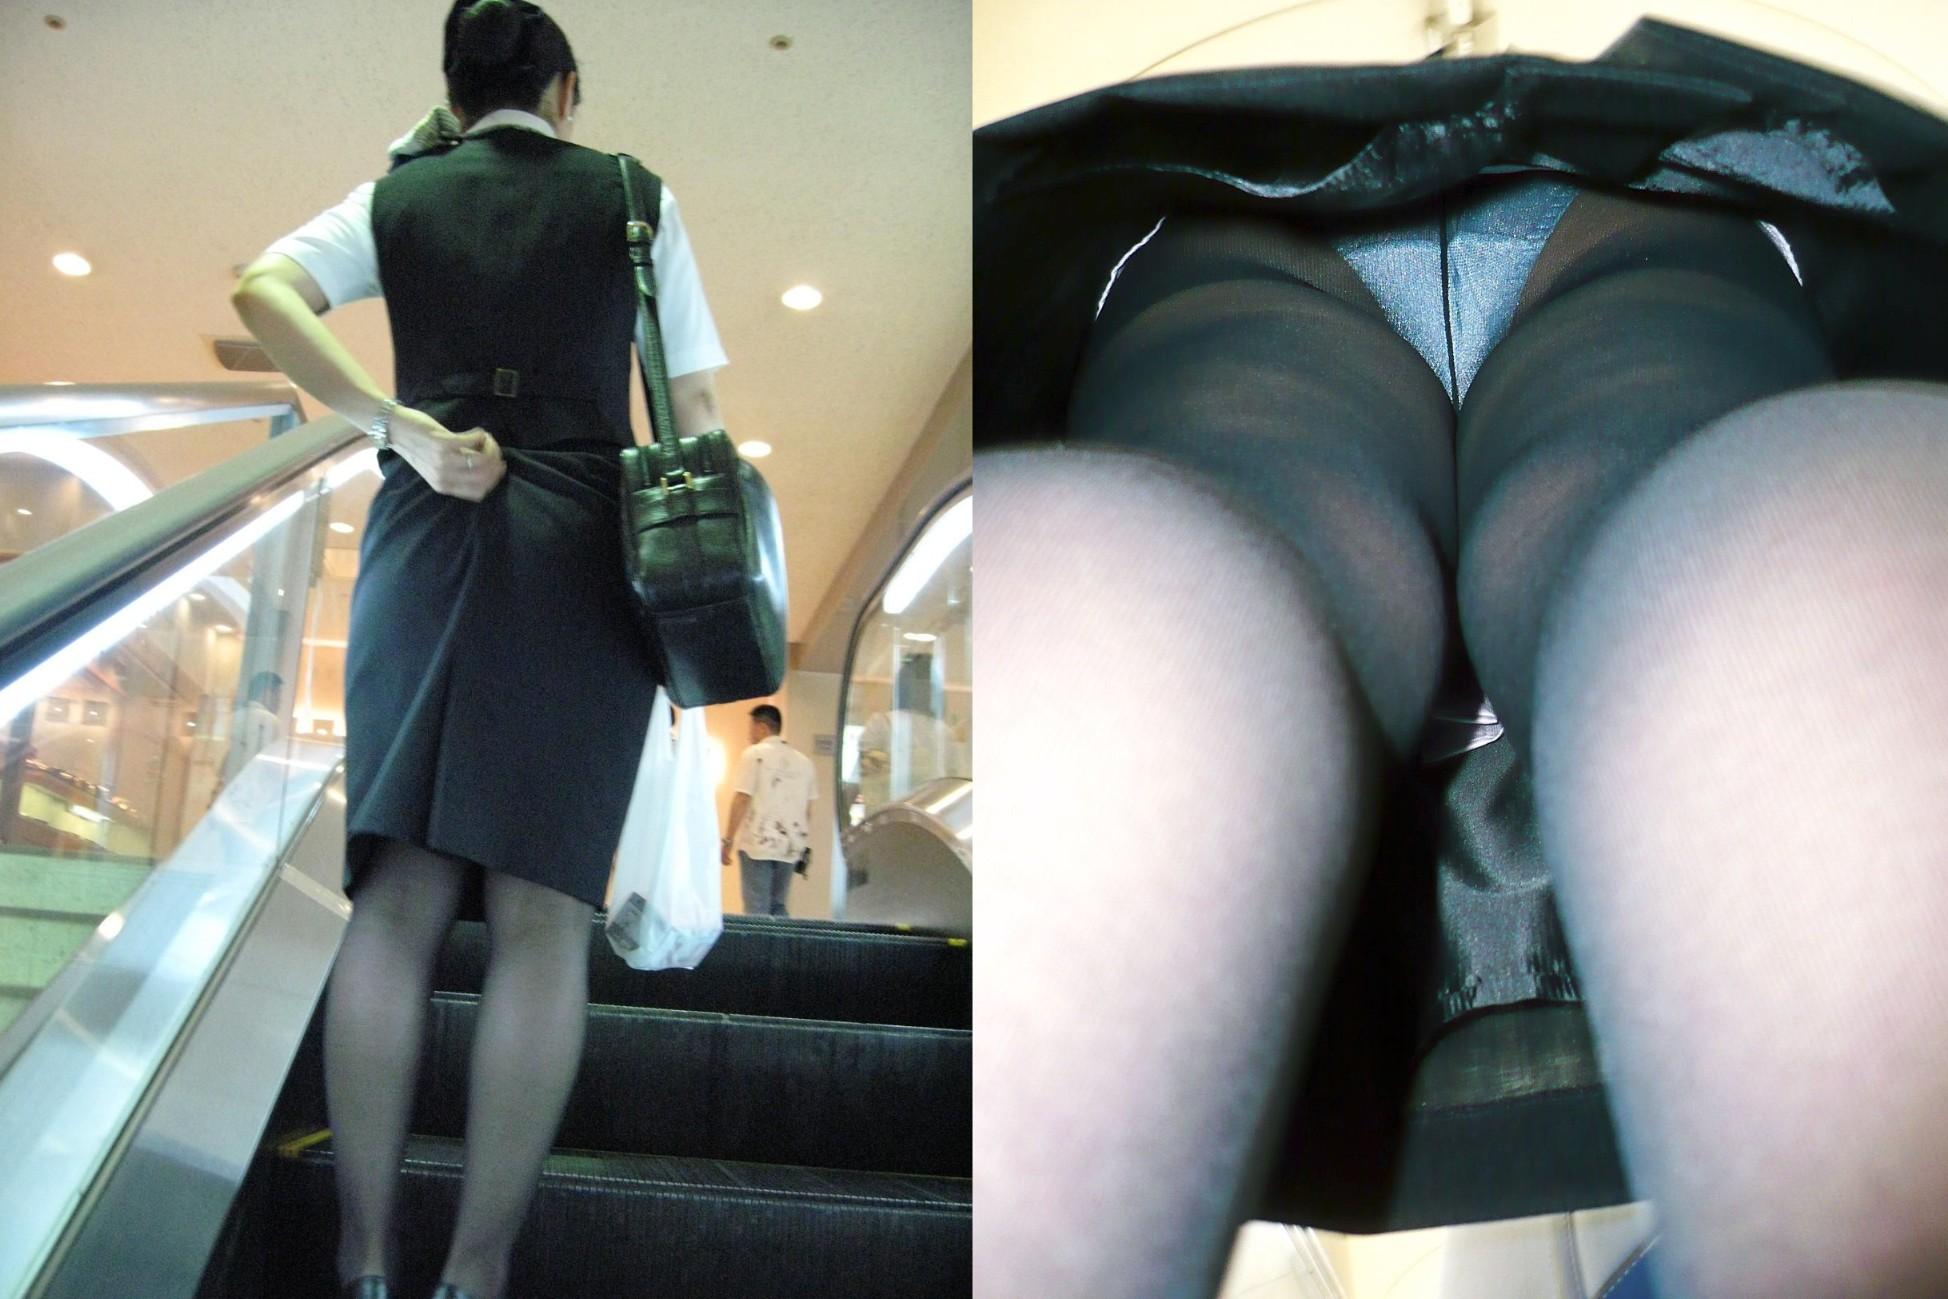 狙われたOL達の逆さタイトスカート盗撮エロ画像12枚目